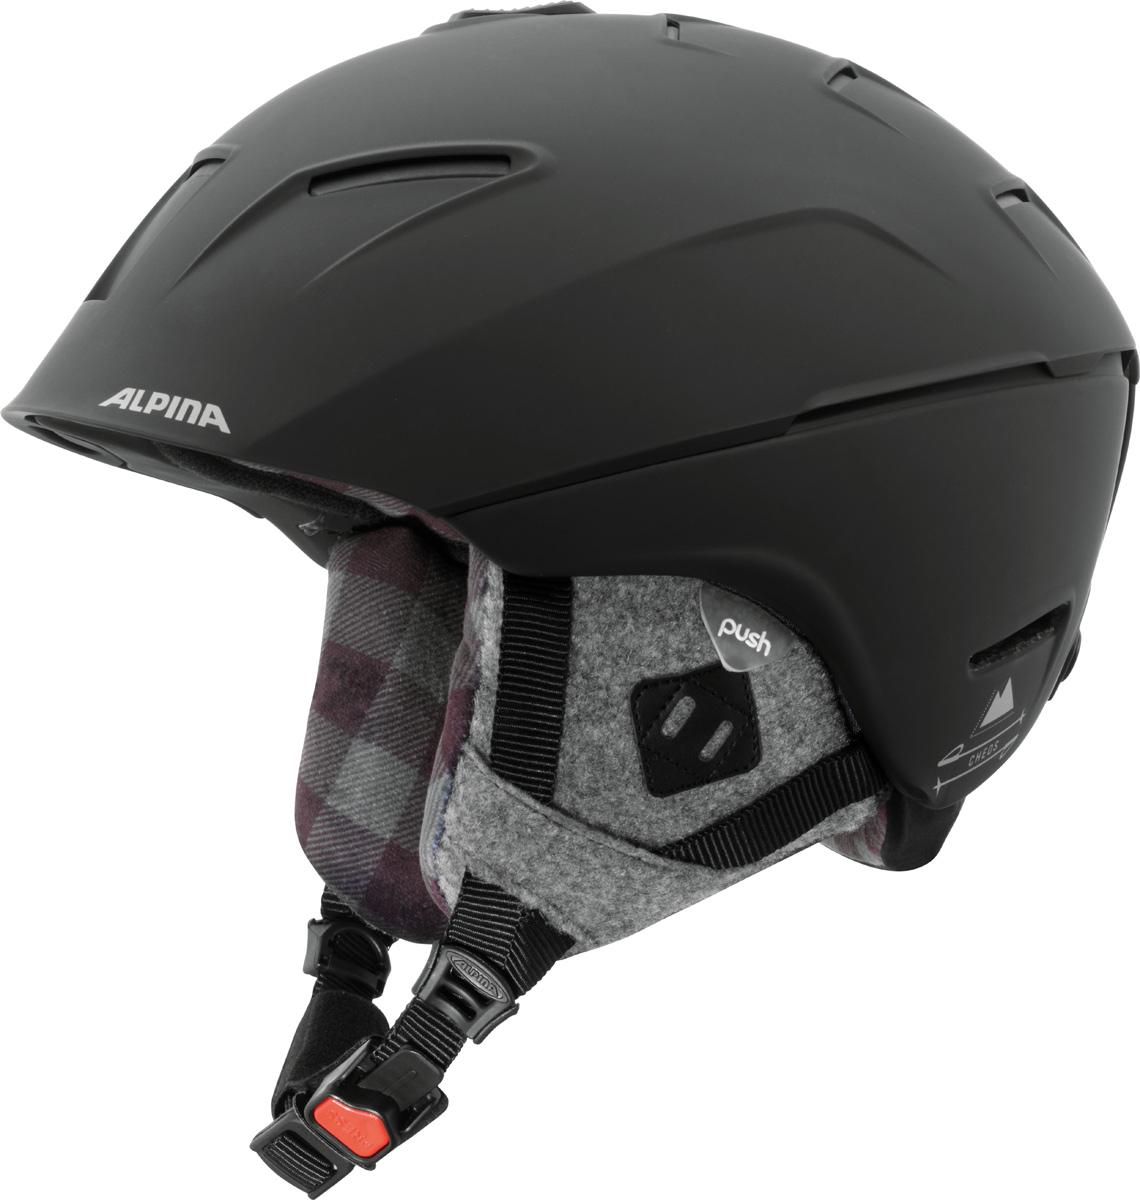 Шлем горнолыжный Alpina Cheos, цвет: черный. A9058_34. Размер 58-61A9058_34Модель сочетает передовые технологии, уникальные характеристики, бескомпромиссную безопасность и исключительный дизайн. Размеры: 52-61 см. Технологии:Hybrid - Нижняя часть шлема состоит из легкого Inmold, что обеспечивает хорошую амортизацию. Верхняя часть - супер-прочный Hardshell.EDGE PROTECT – усиленная нижняя часть шлема, выполненная по технологии Inmold. Дополнительная защита при боковых ударах. RUN SYSTEM – простая система настройки шлема, позволяющая добиться надежной фиксации.AIRSTREAM CONTROL – регулируемые воздушные клапана для полного контроля внутренней вентиляции. REMOVABLE EARPADS - съемные амбушюры добавляют чувства свободы во время катания в теплую погоду, не в ущерб безопасности. При падении температуры, амбушюры легко устанавливаются обратно на шлем.CHANGEABLE INTERIOR – съемная внутренняя часть. Допускается стирка в теплой мыльной воде.NECKWARMER – дополнительное утепление шеи. Изготовлено из мягкого флиса.3D FIT – ремень, позволяющий регулироваться затылочную часть шлема. Пять позиций позволят настроить идеальную посадку.